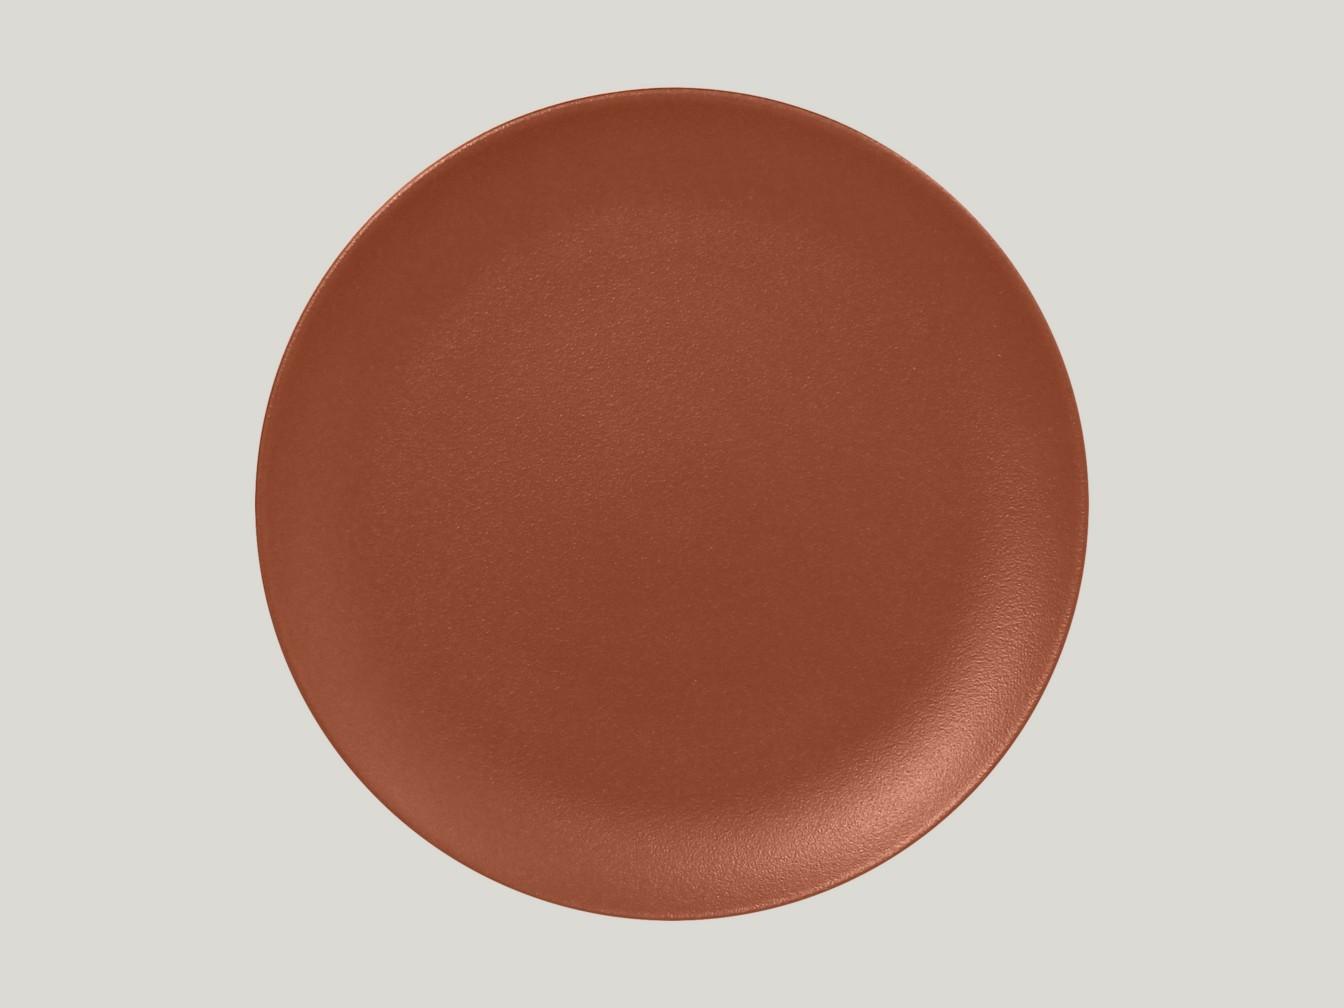 mělký coupe talíř - hnědá Neofusion